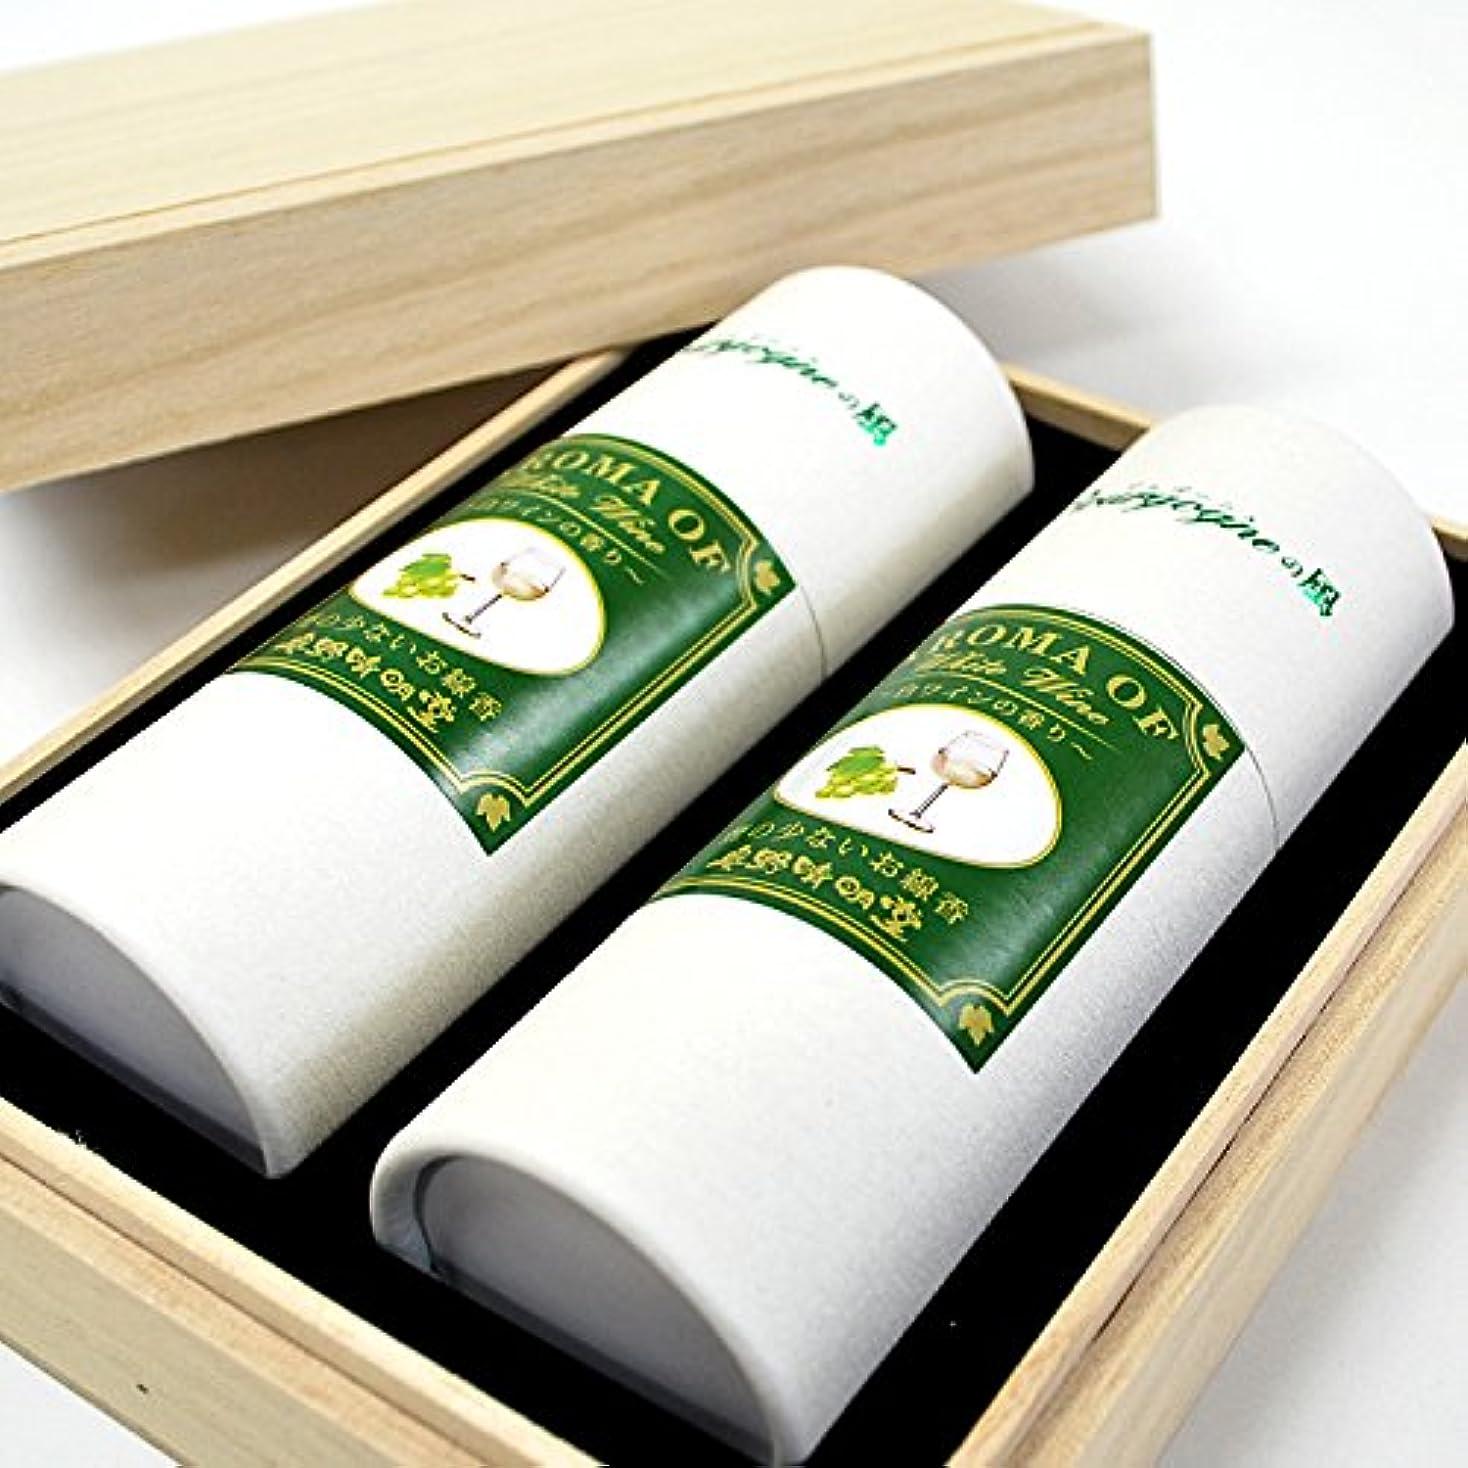 レスリング誠意沼地ワインの香りのお線香 奥野晴明堂 Bourgogne(ブルゴーニュ)の風 白ワインの香り 桐箱2本入り 28-5 微煙タイプ